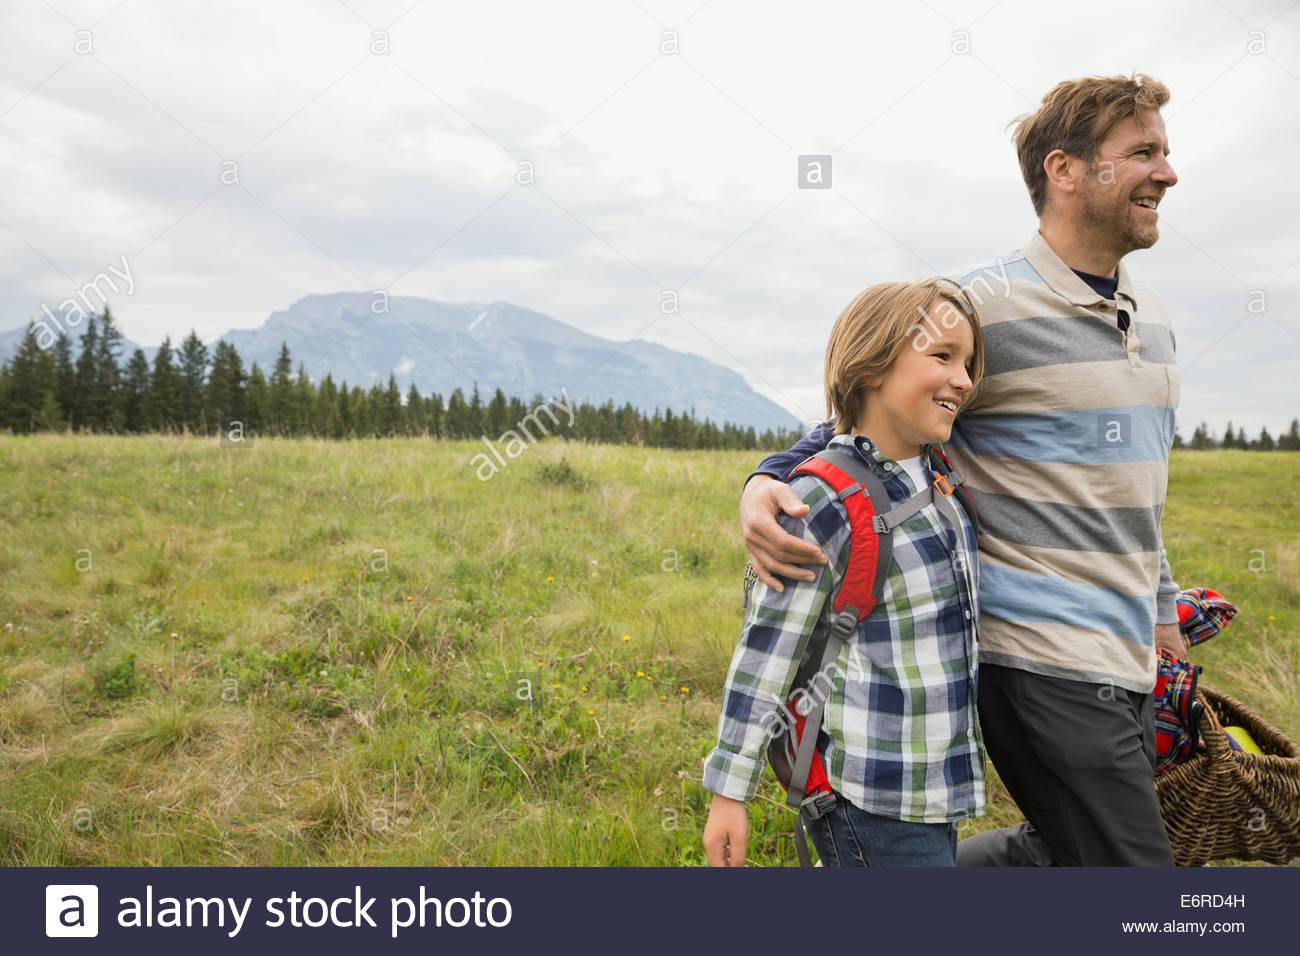 Padre e figlio avente picnic in campo rurale Immagini Stock